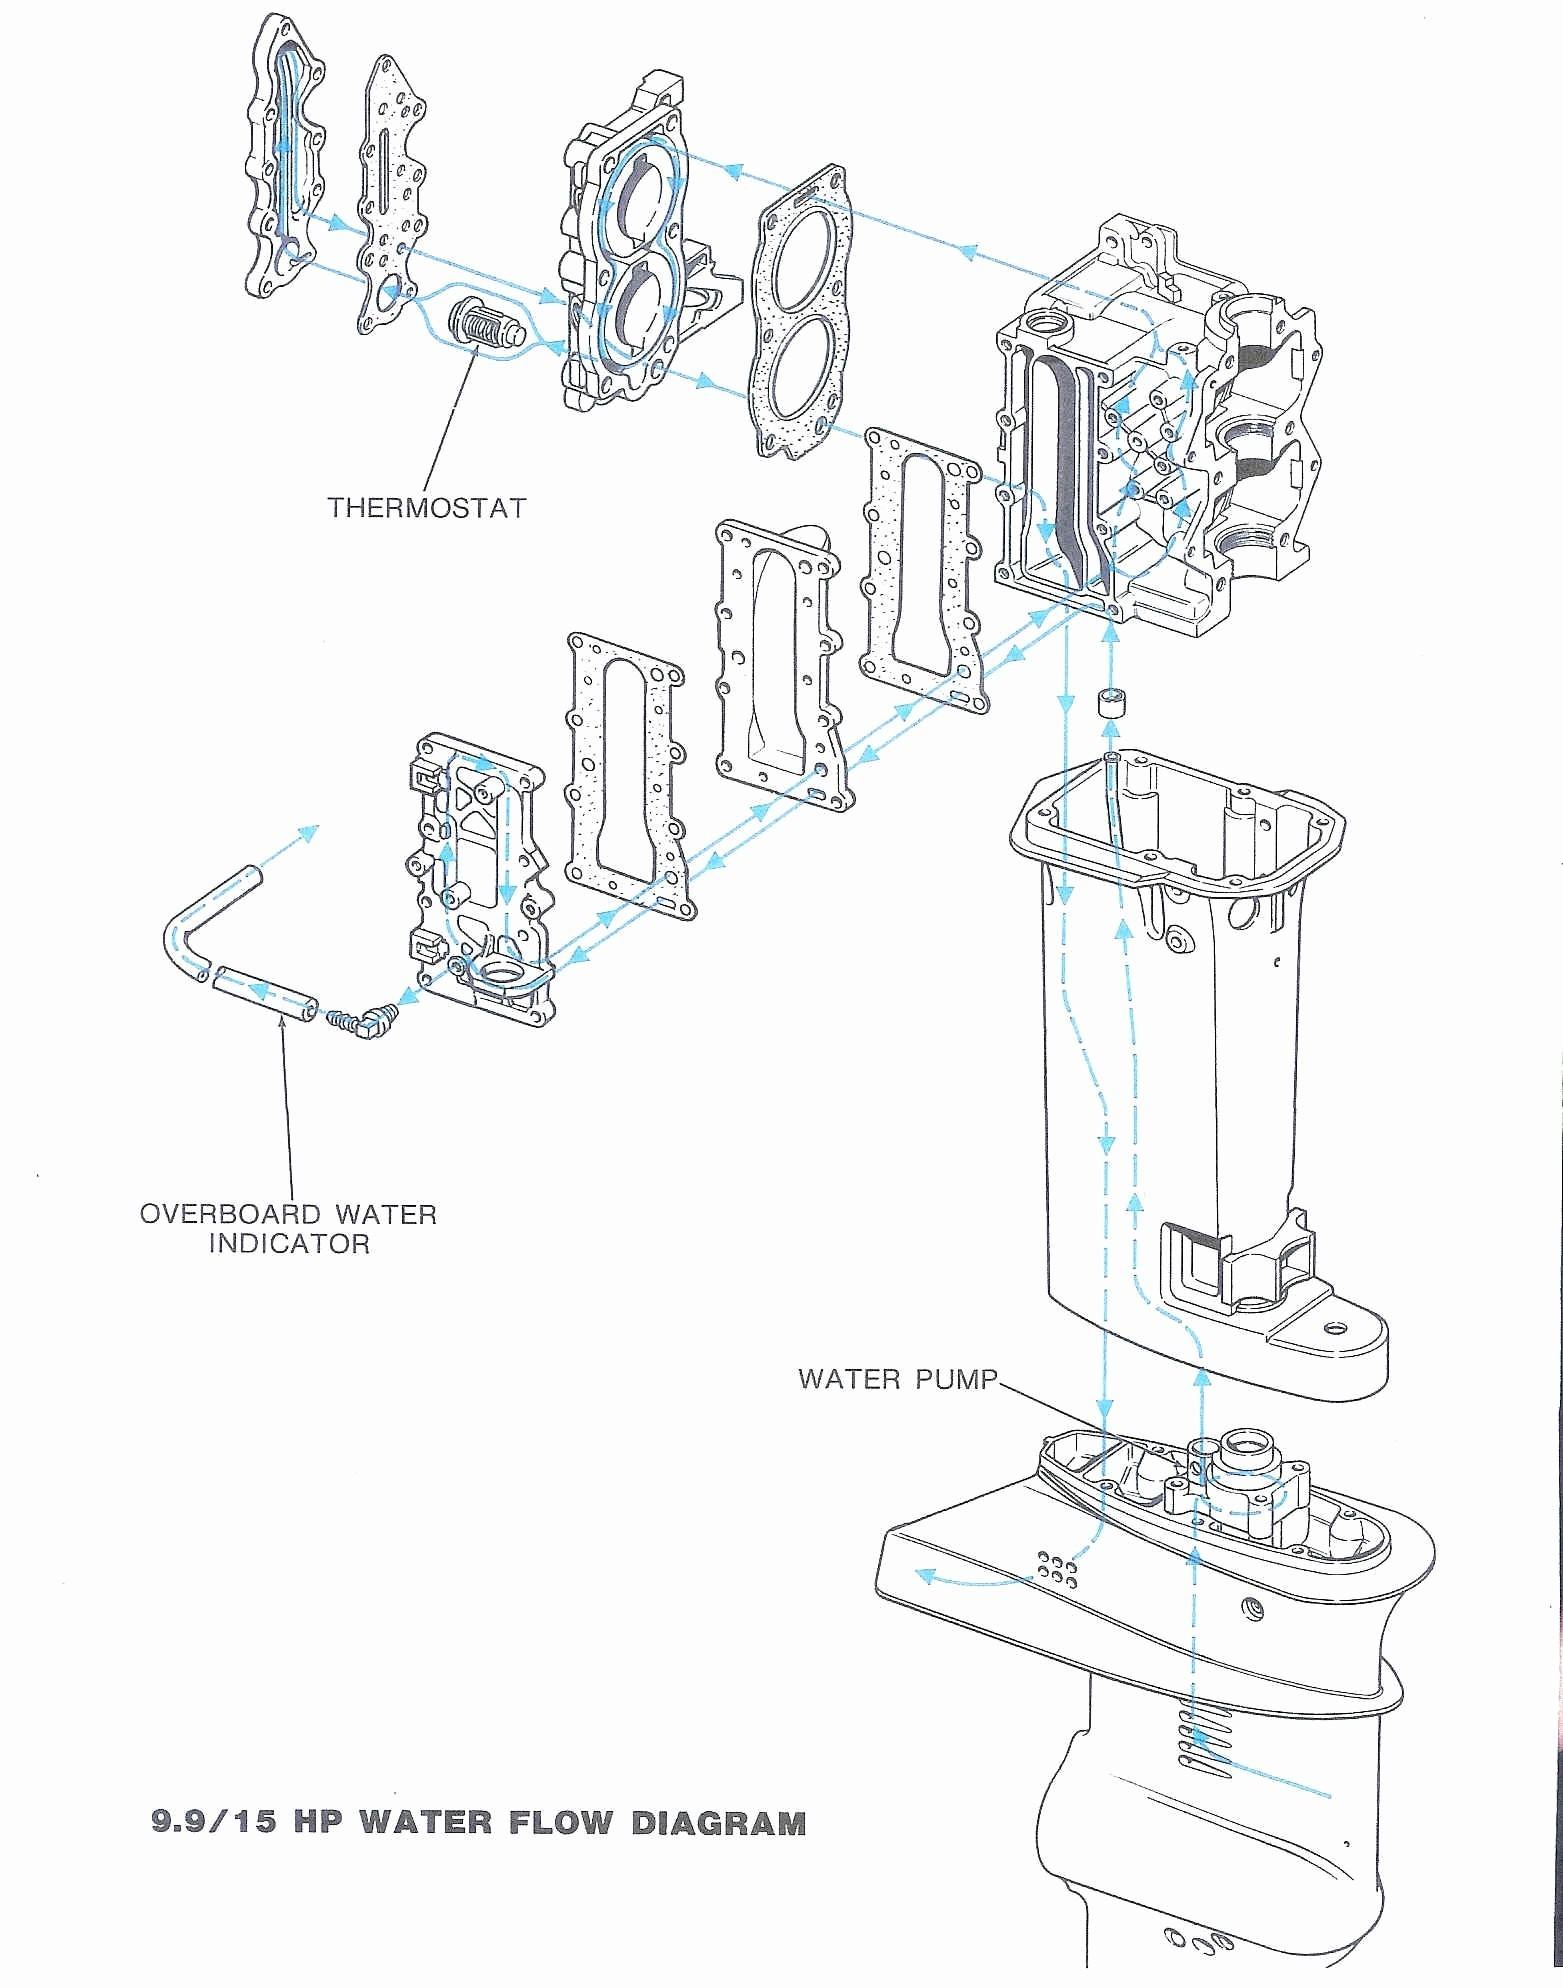 Indicator Diagram Of 2 Stroke Engine 2 Stroke Engine Diagram Of Indicator Diagram Of 2 Stroke Engine